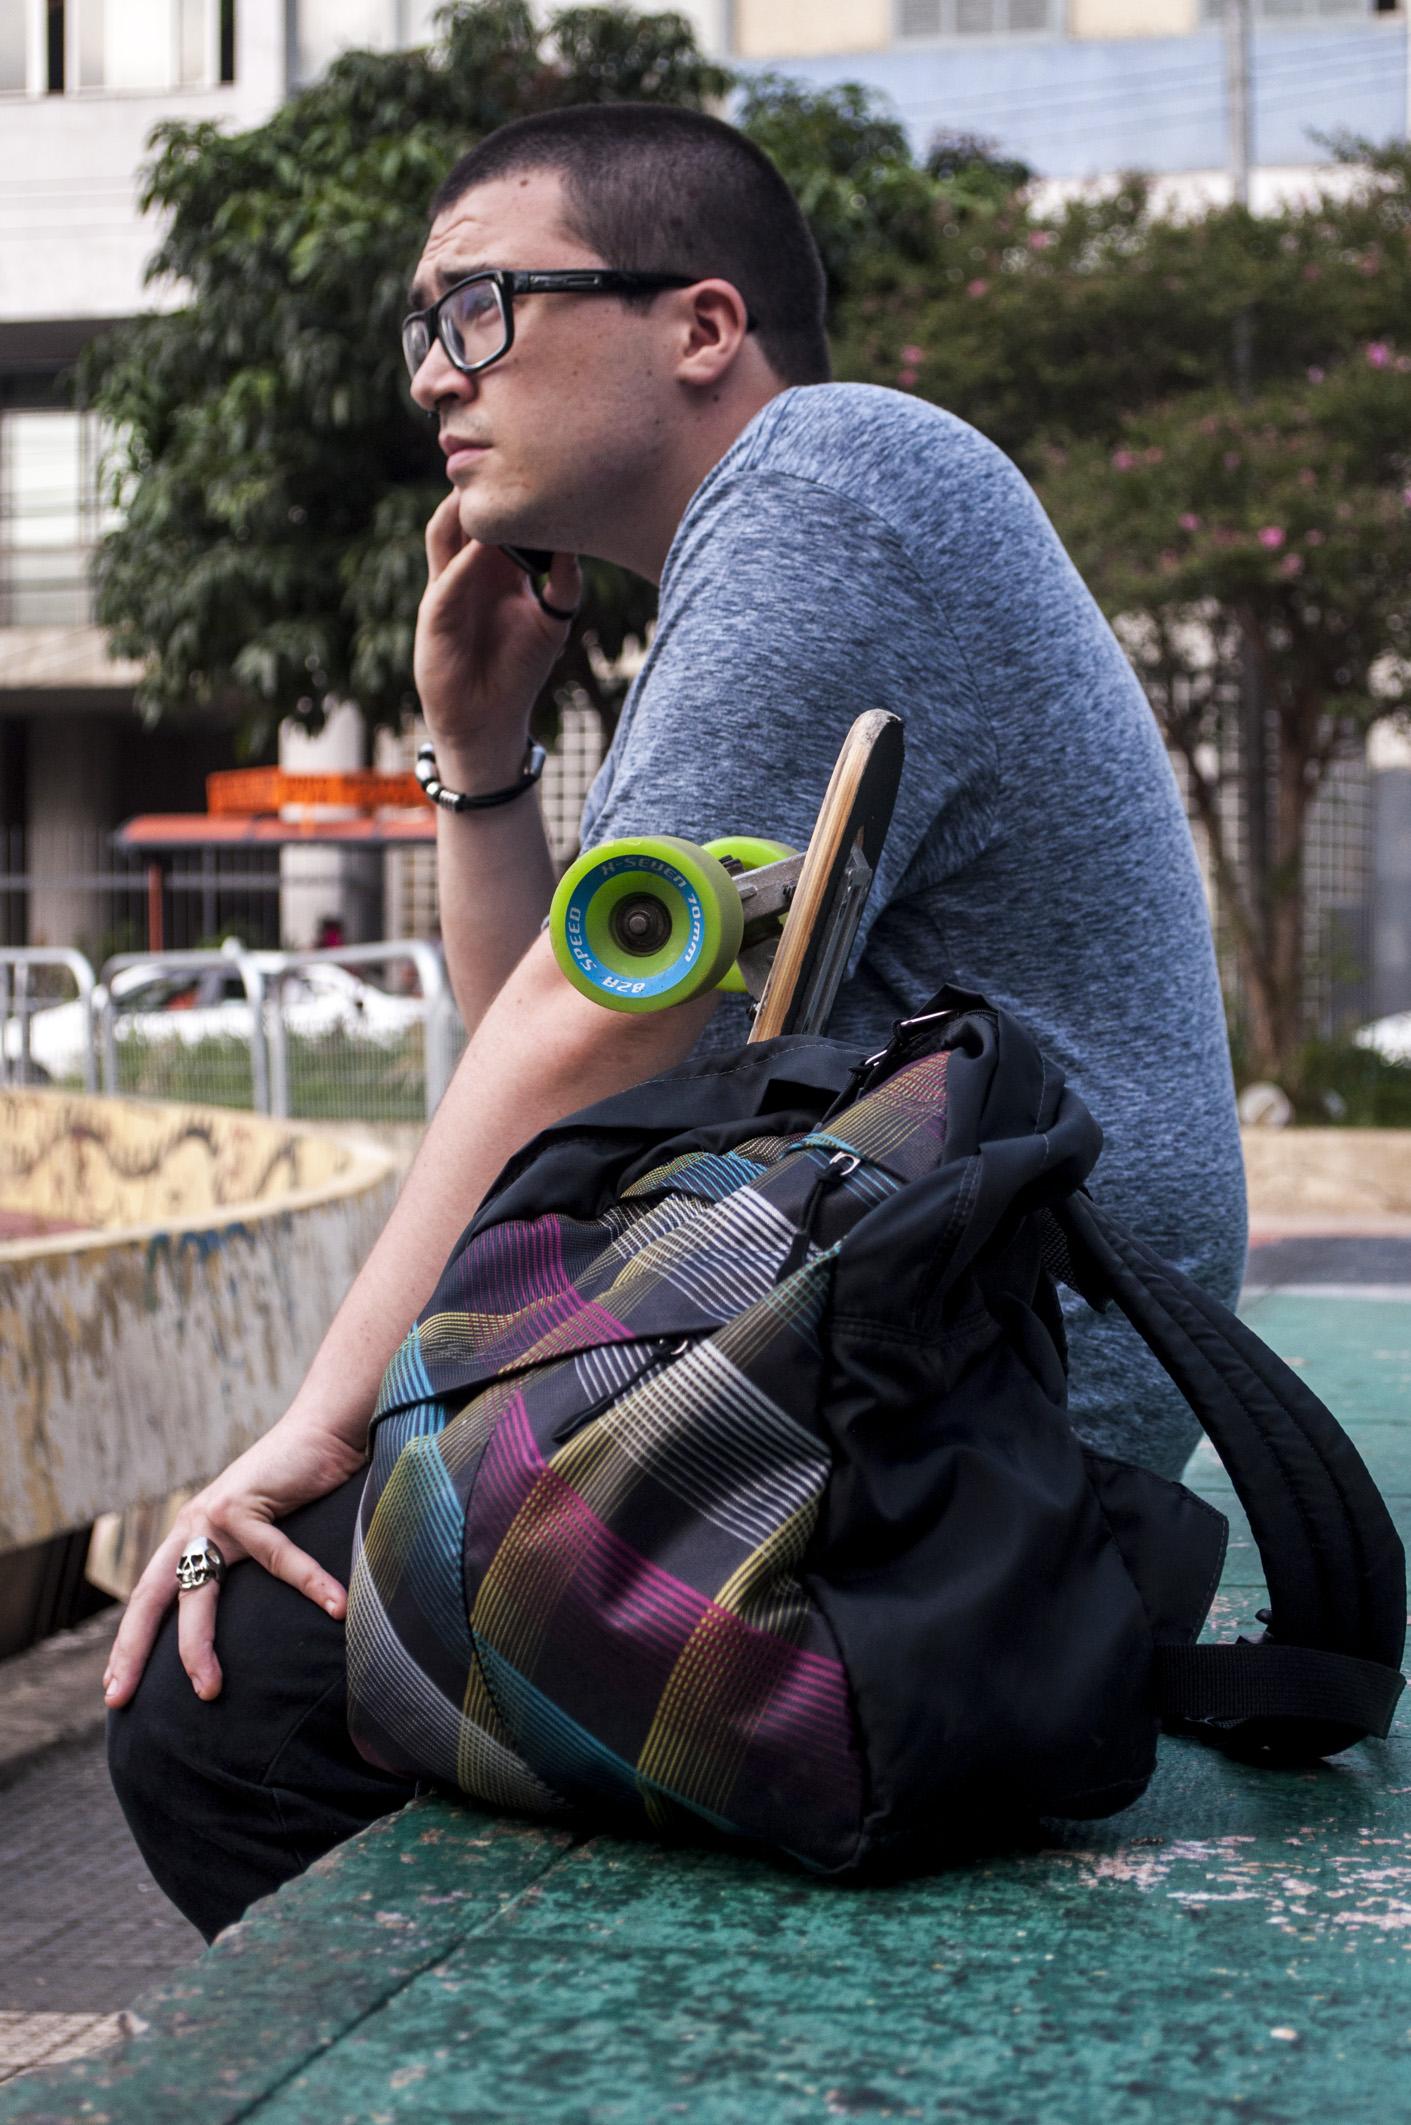 Com essa prática mochila, você carrega tudo o que precisa